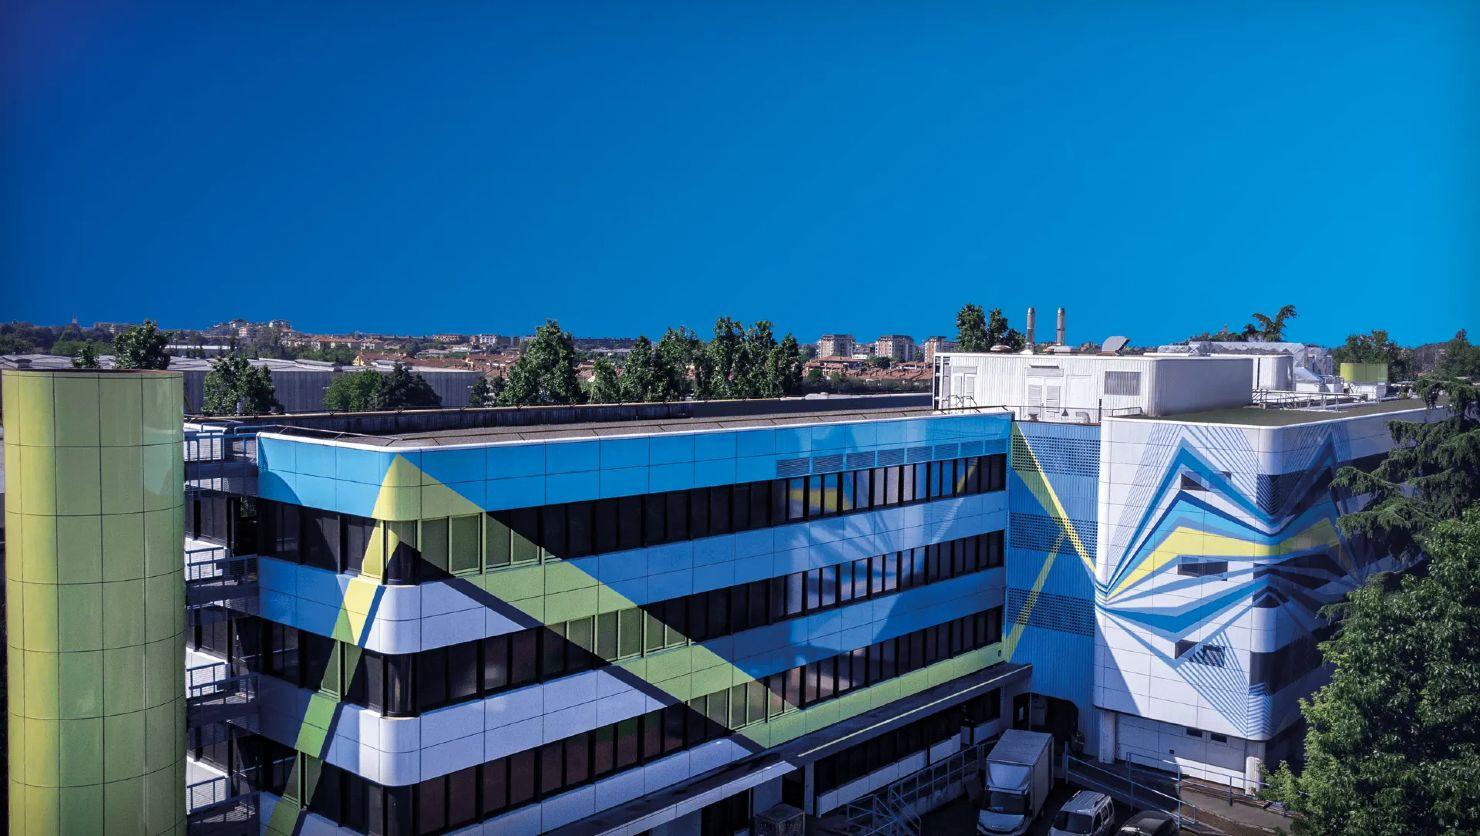 foto aerea dell'immobile WAVE Building